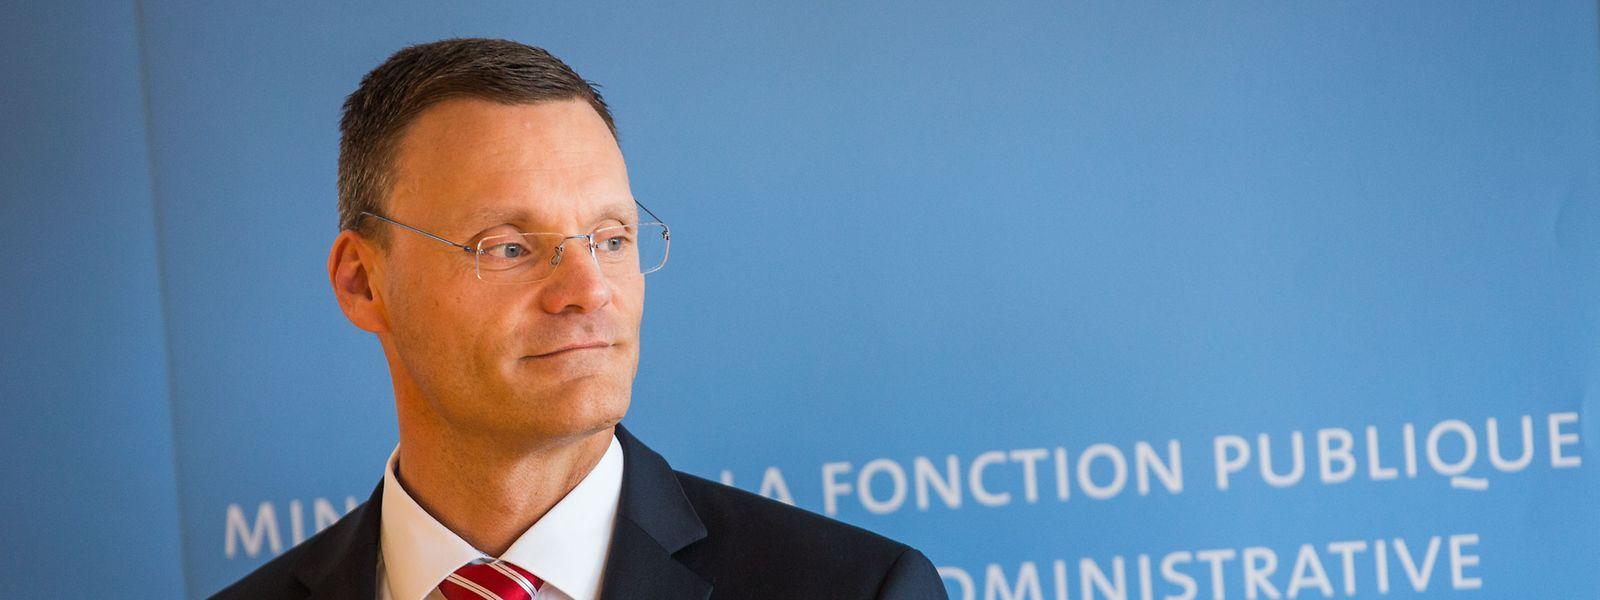 Hasard du calendrier, Gilles Feith devrait prendre ses fonctions à la tête de LuxairGroup le 1er juin, date de son 44e anniversaire.